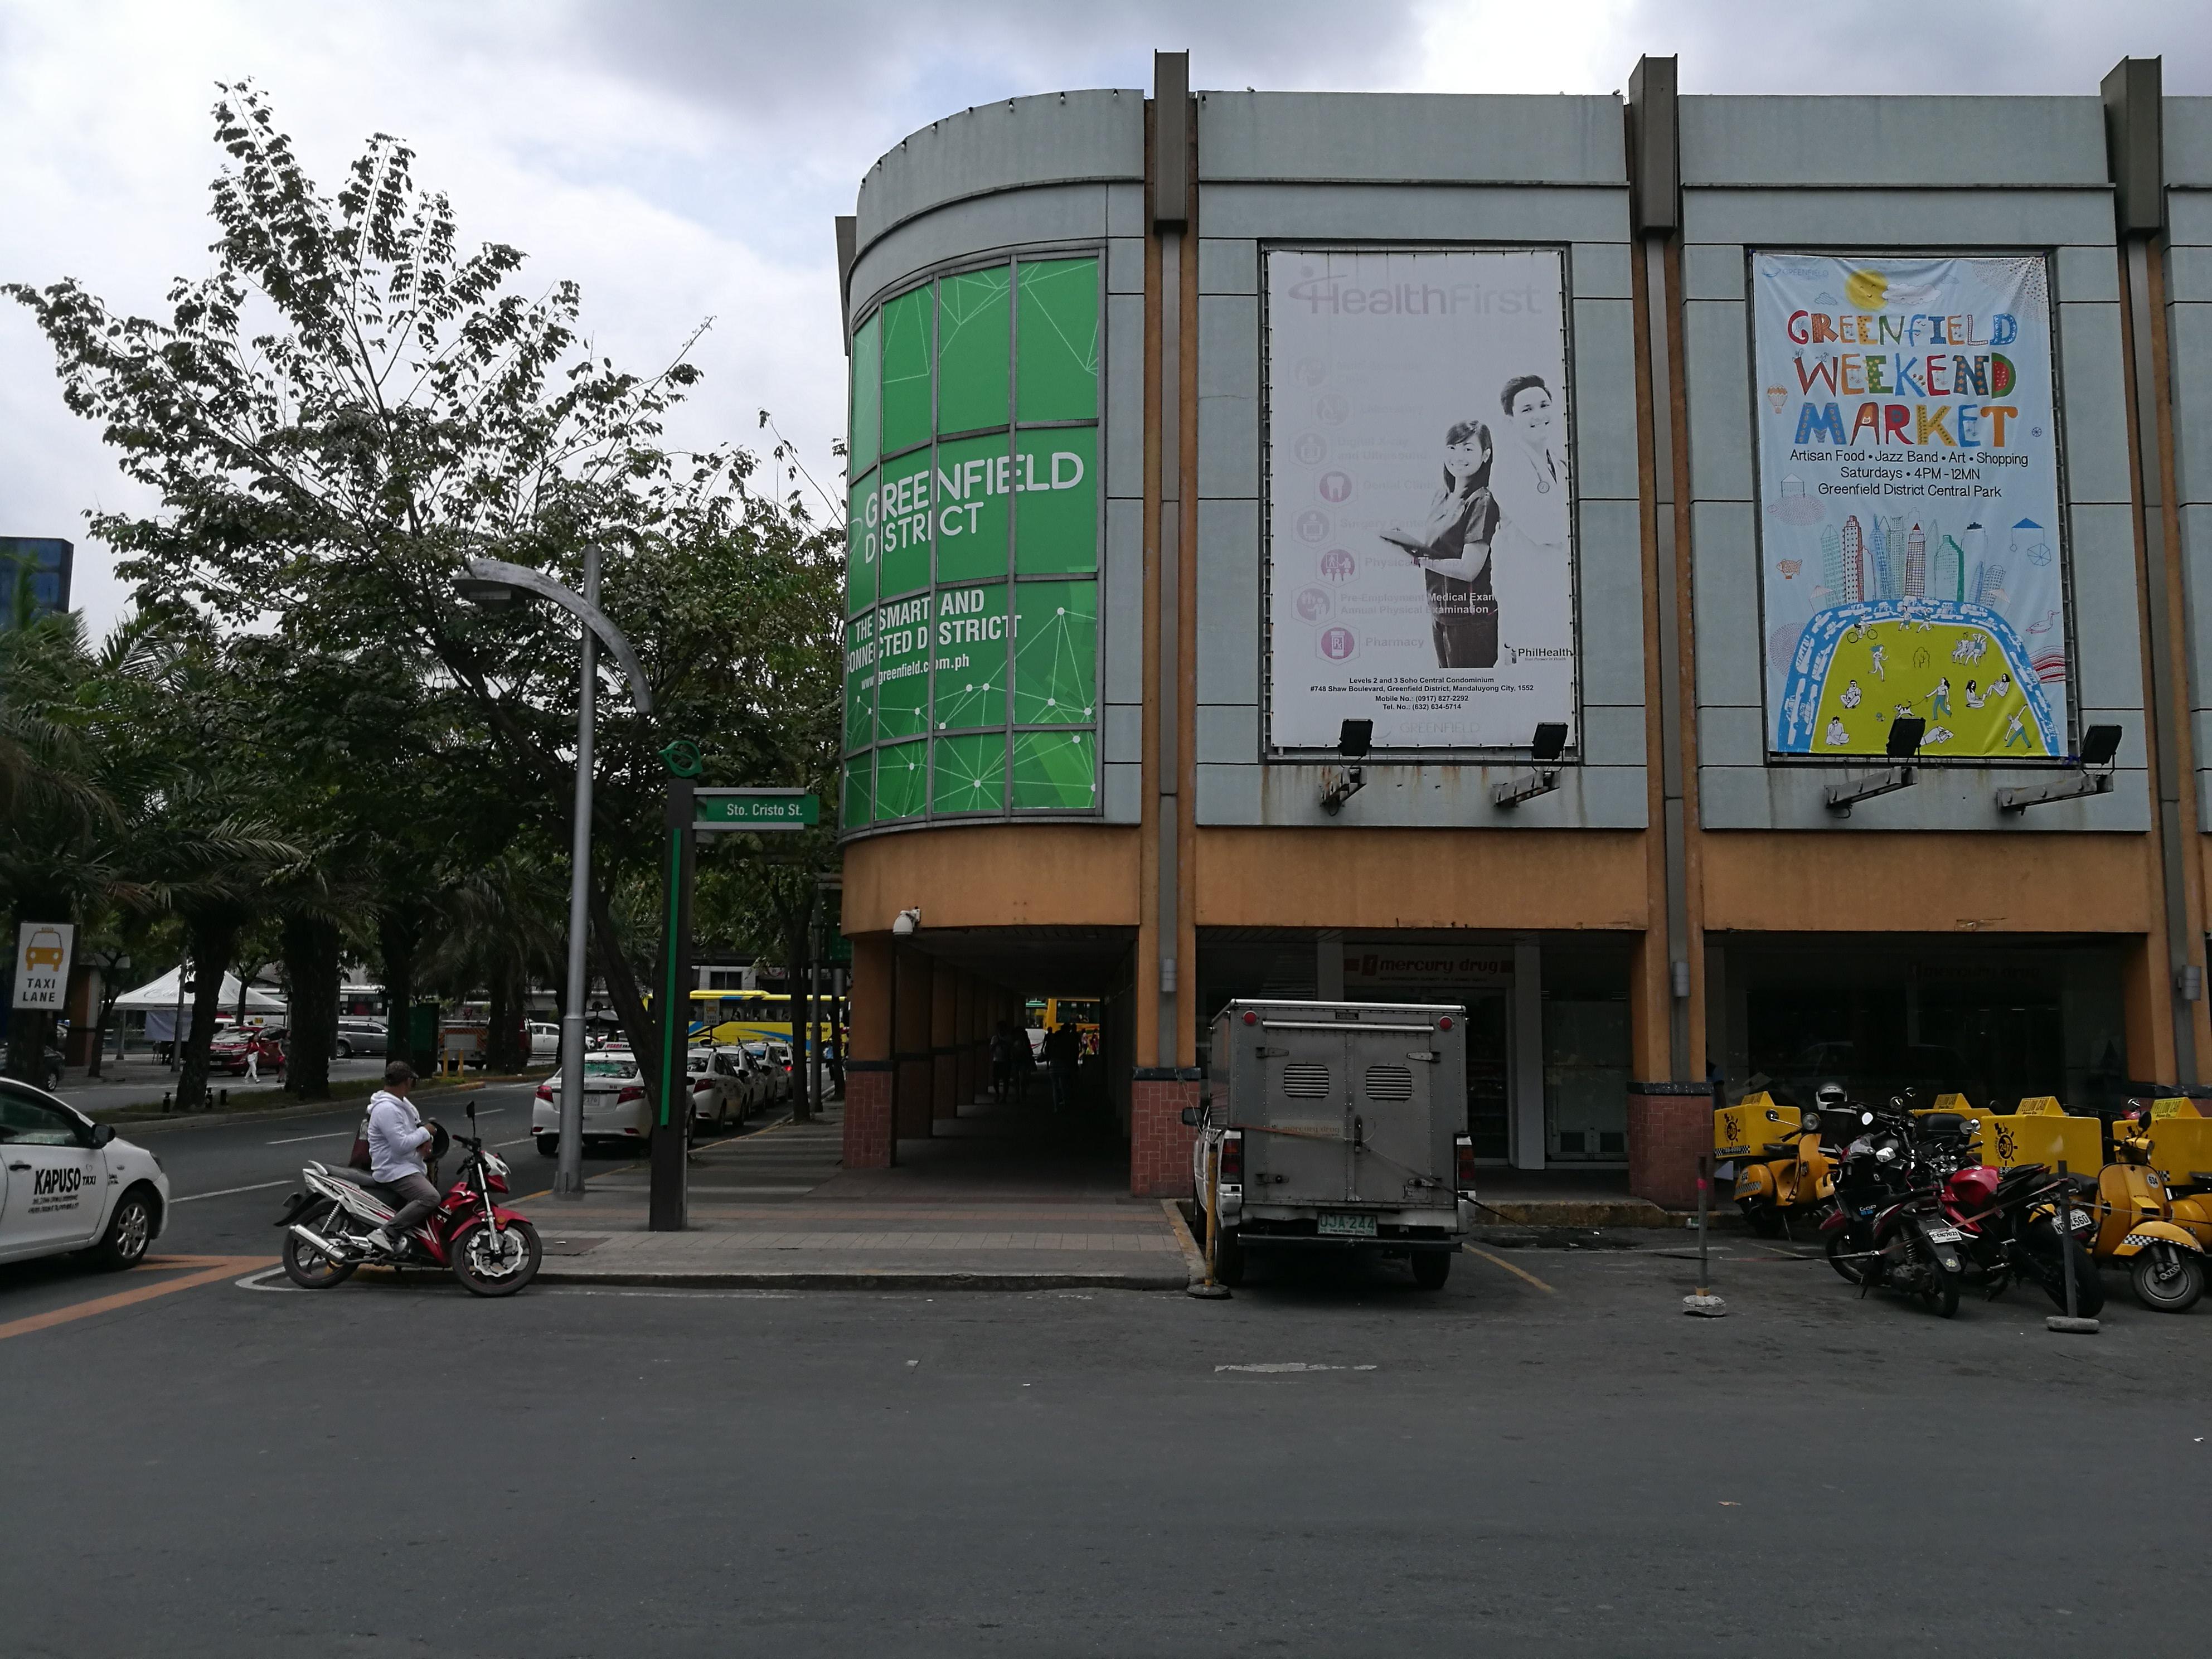 【フィリピン】花金の夜に行ってみたい場所「Greenfield District」